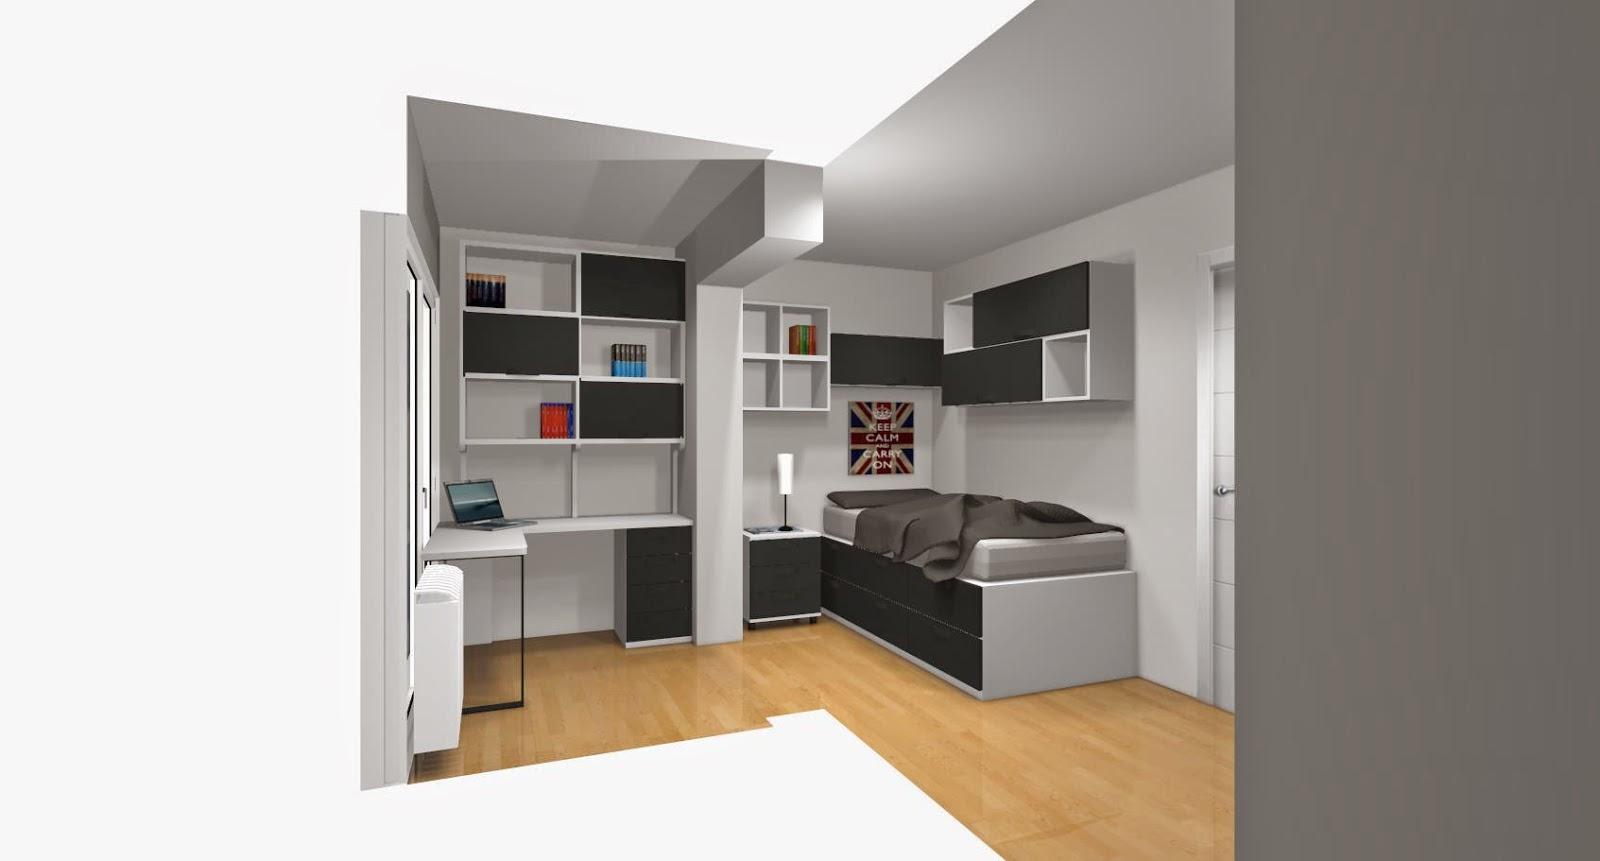 Dise o de cuartos o dormitorios juveniles for Diseno dormitorio